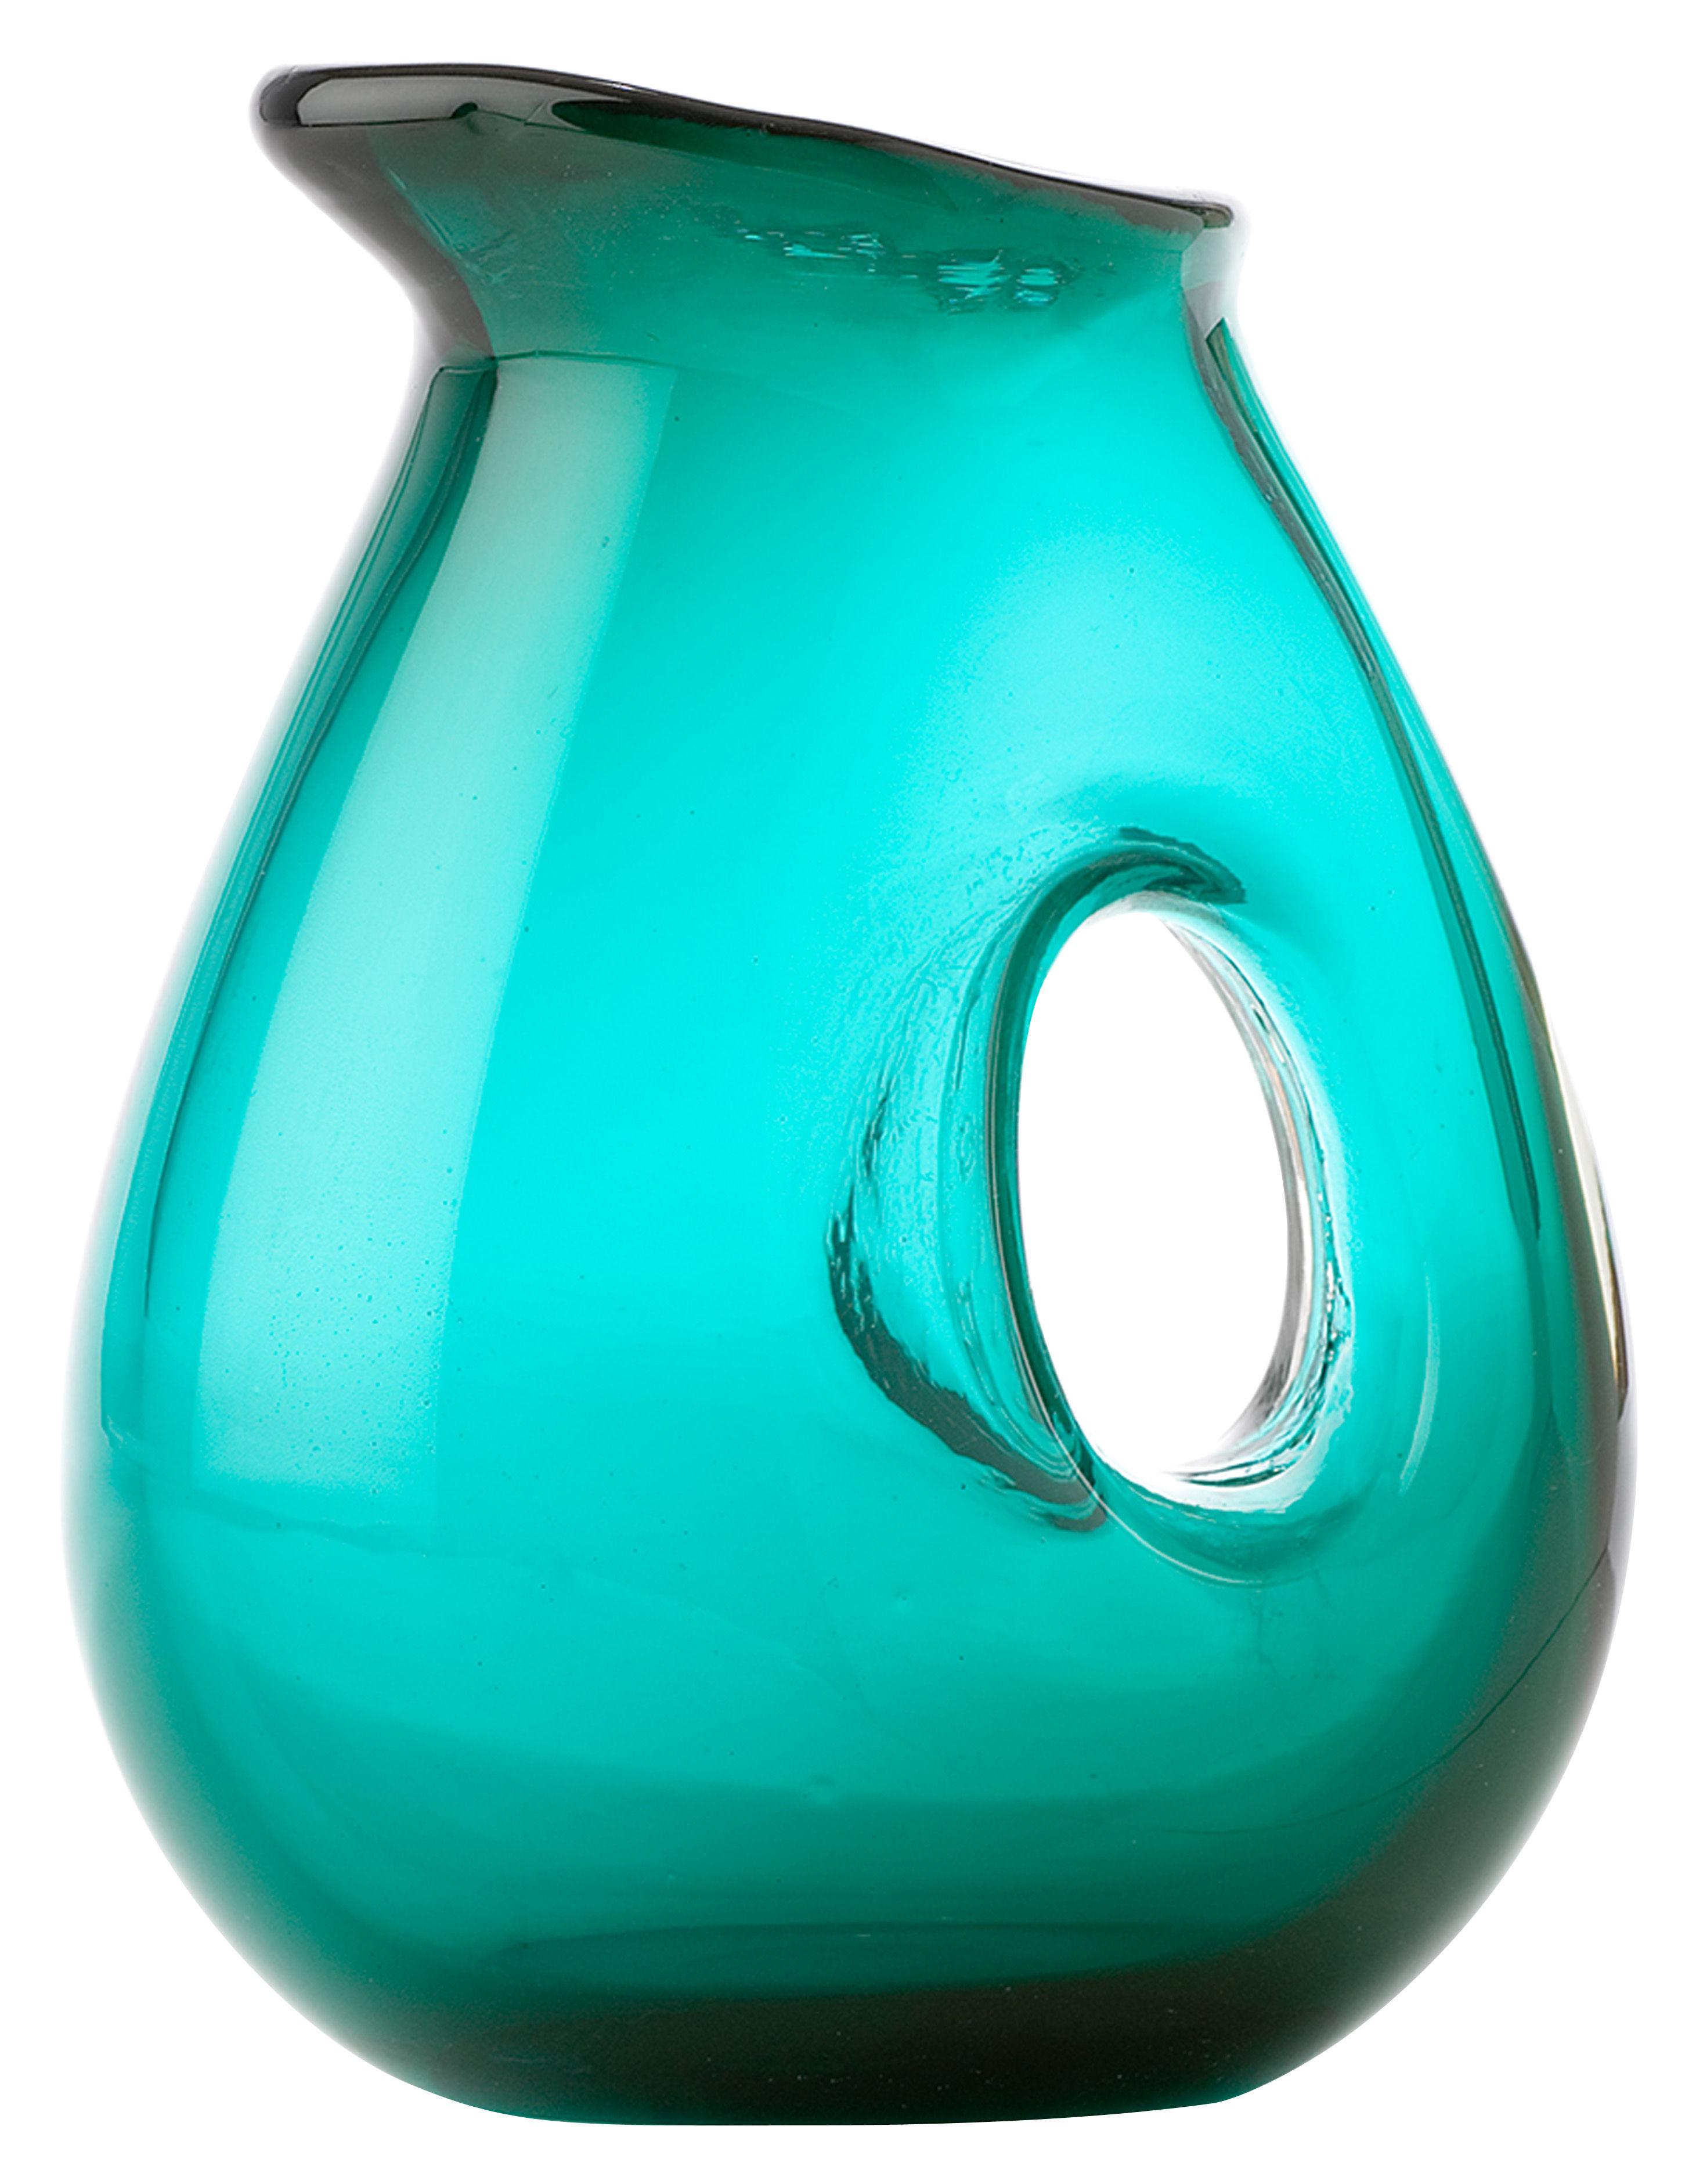 Arts de la table - Carafes et décanteurs - Carafe Jug with hole 1 Litre - Pols Potten - Vert d'eau - Verre soufflé bouche